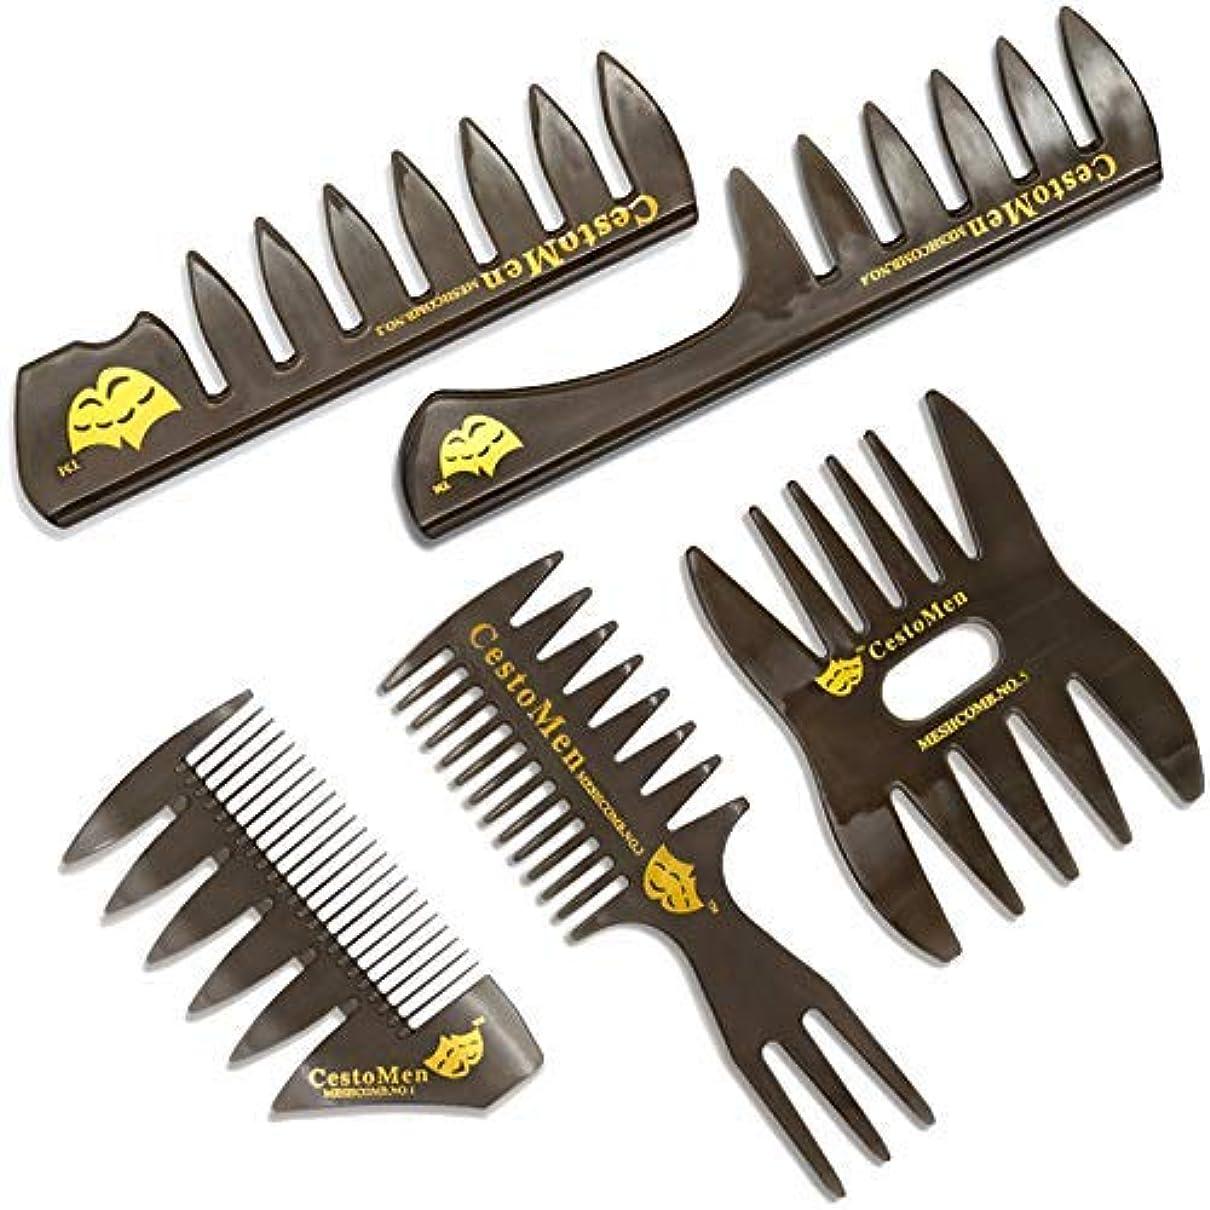 巻き戻すスクラップブック義務づける5 PCS Hair Comb Styling Set Barber Hairstylist Accessories - Professional Shaping & Teasing Wet Combs Tools, Anti...